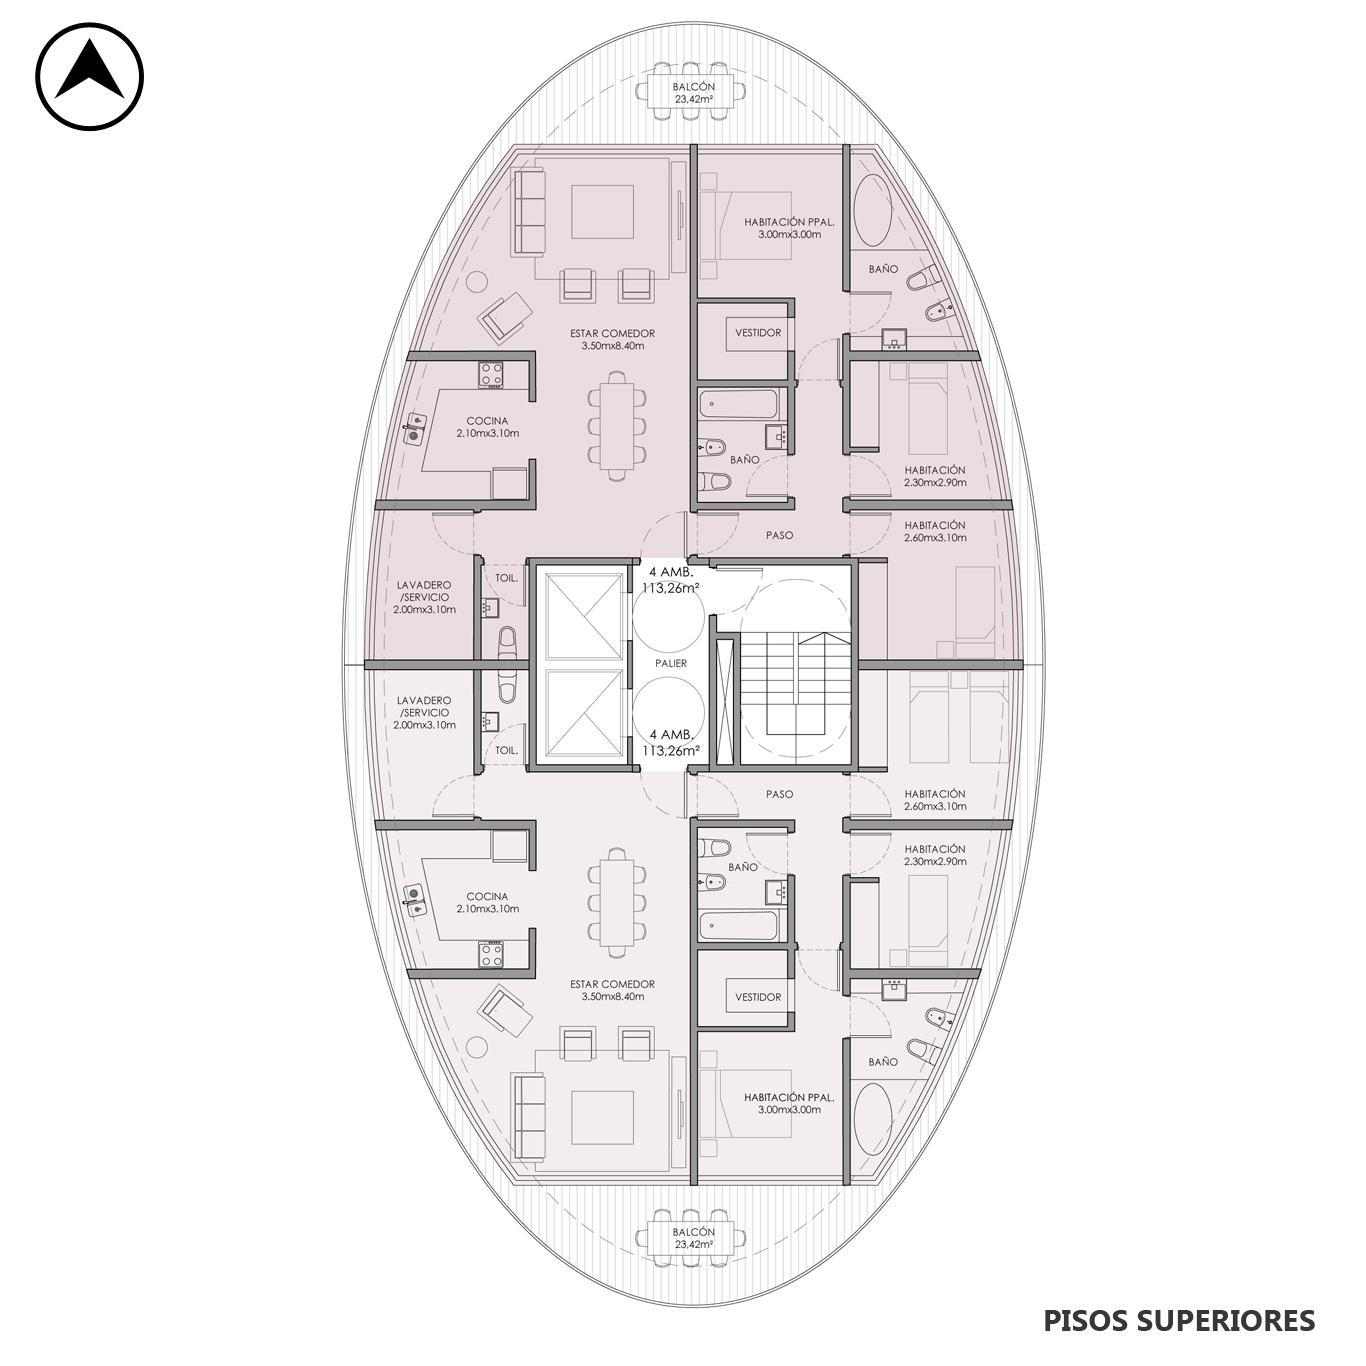 Venta departamento 2 dormitorios Rosario, Centro. Cod CBU23680 AP2227419. Crestale Propiedades